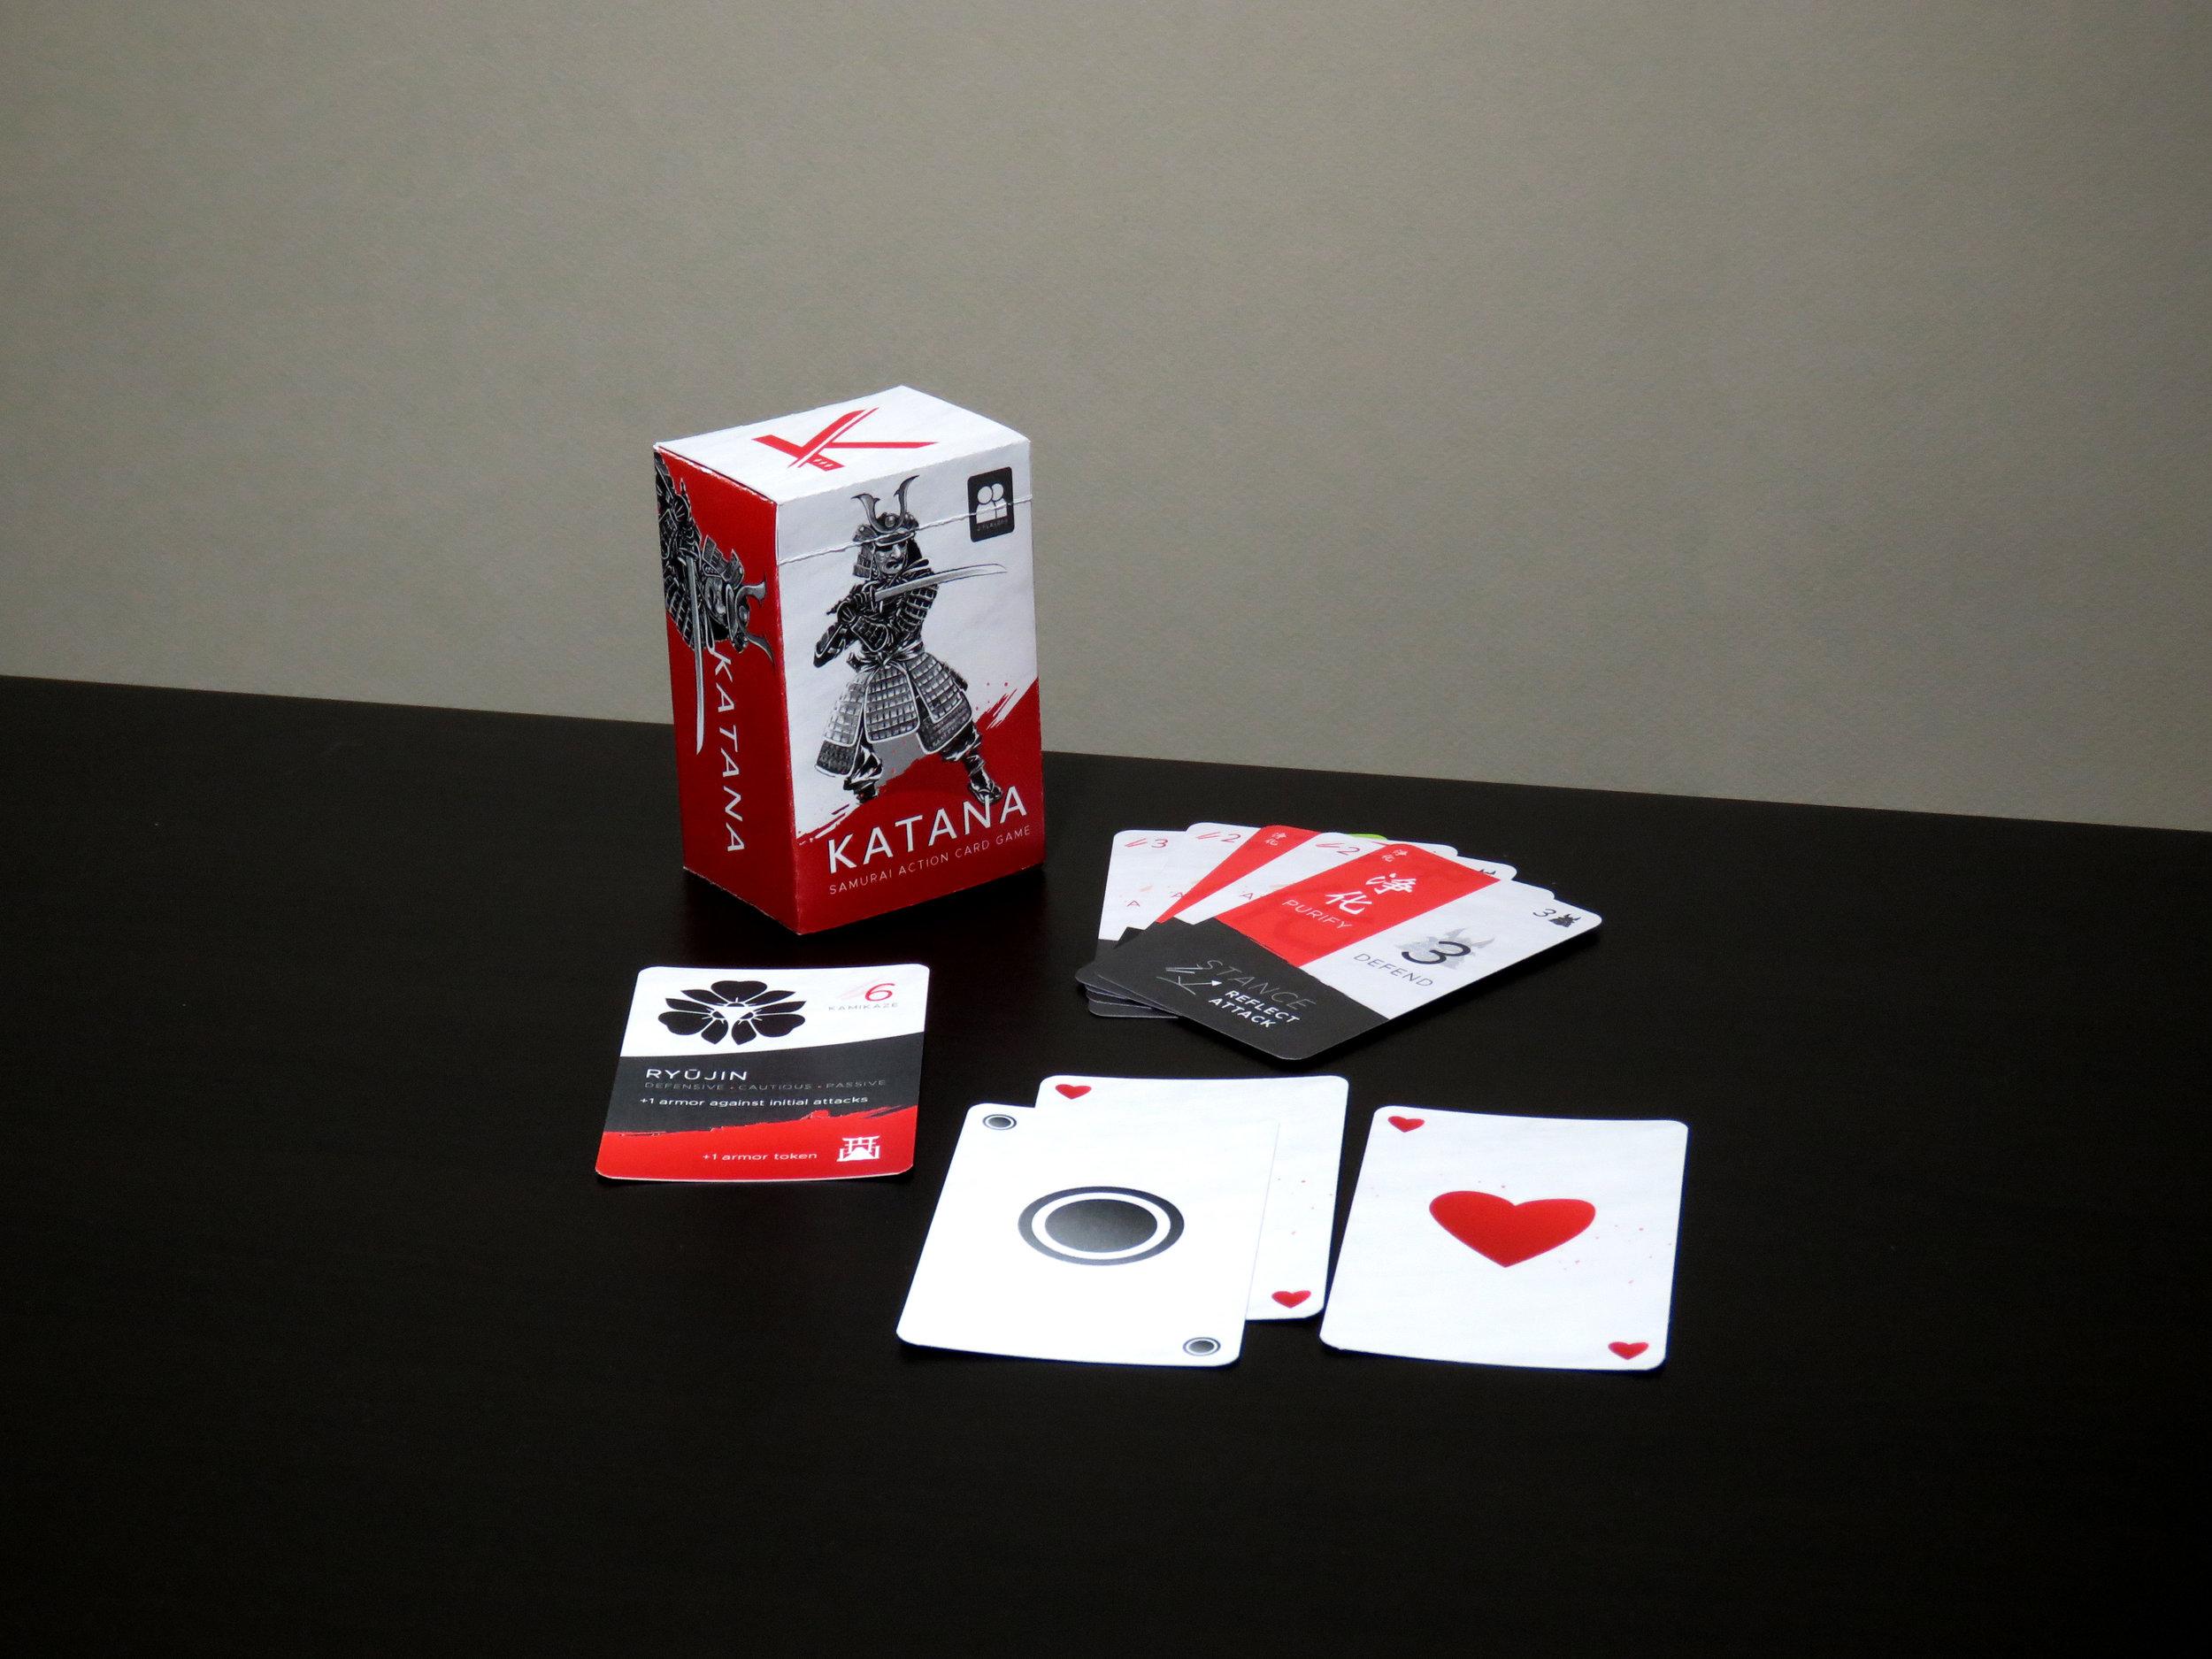 Katana—Rōnin Edition